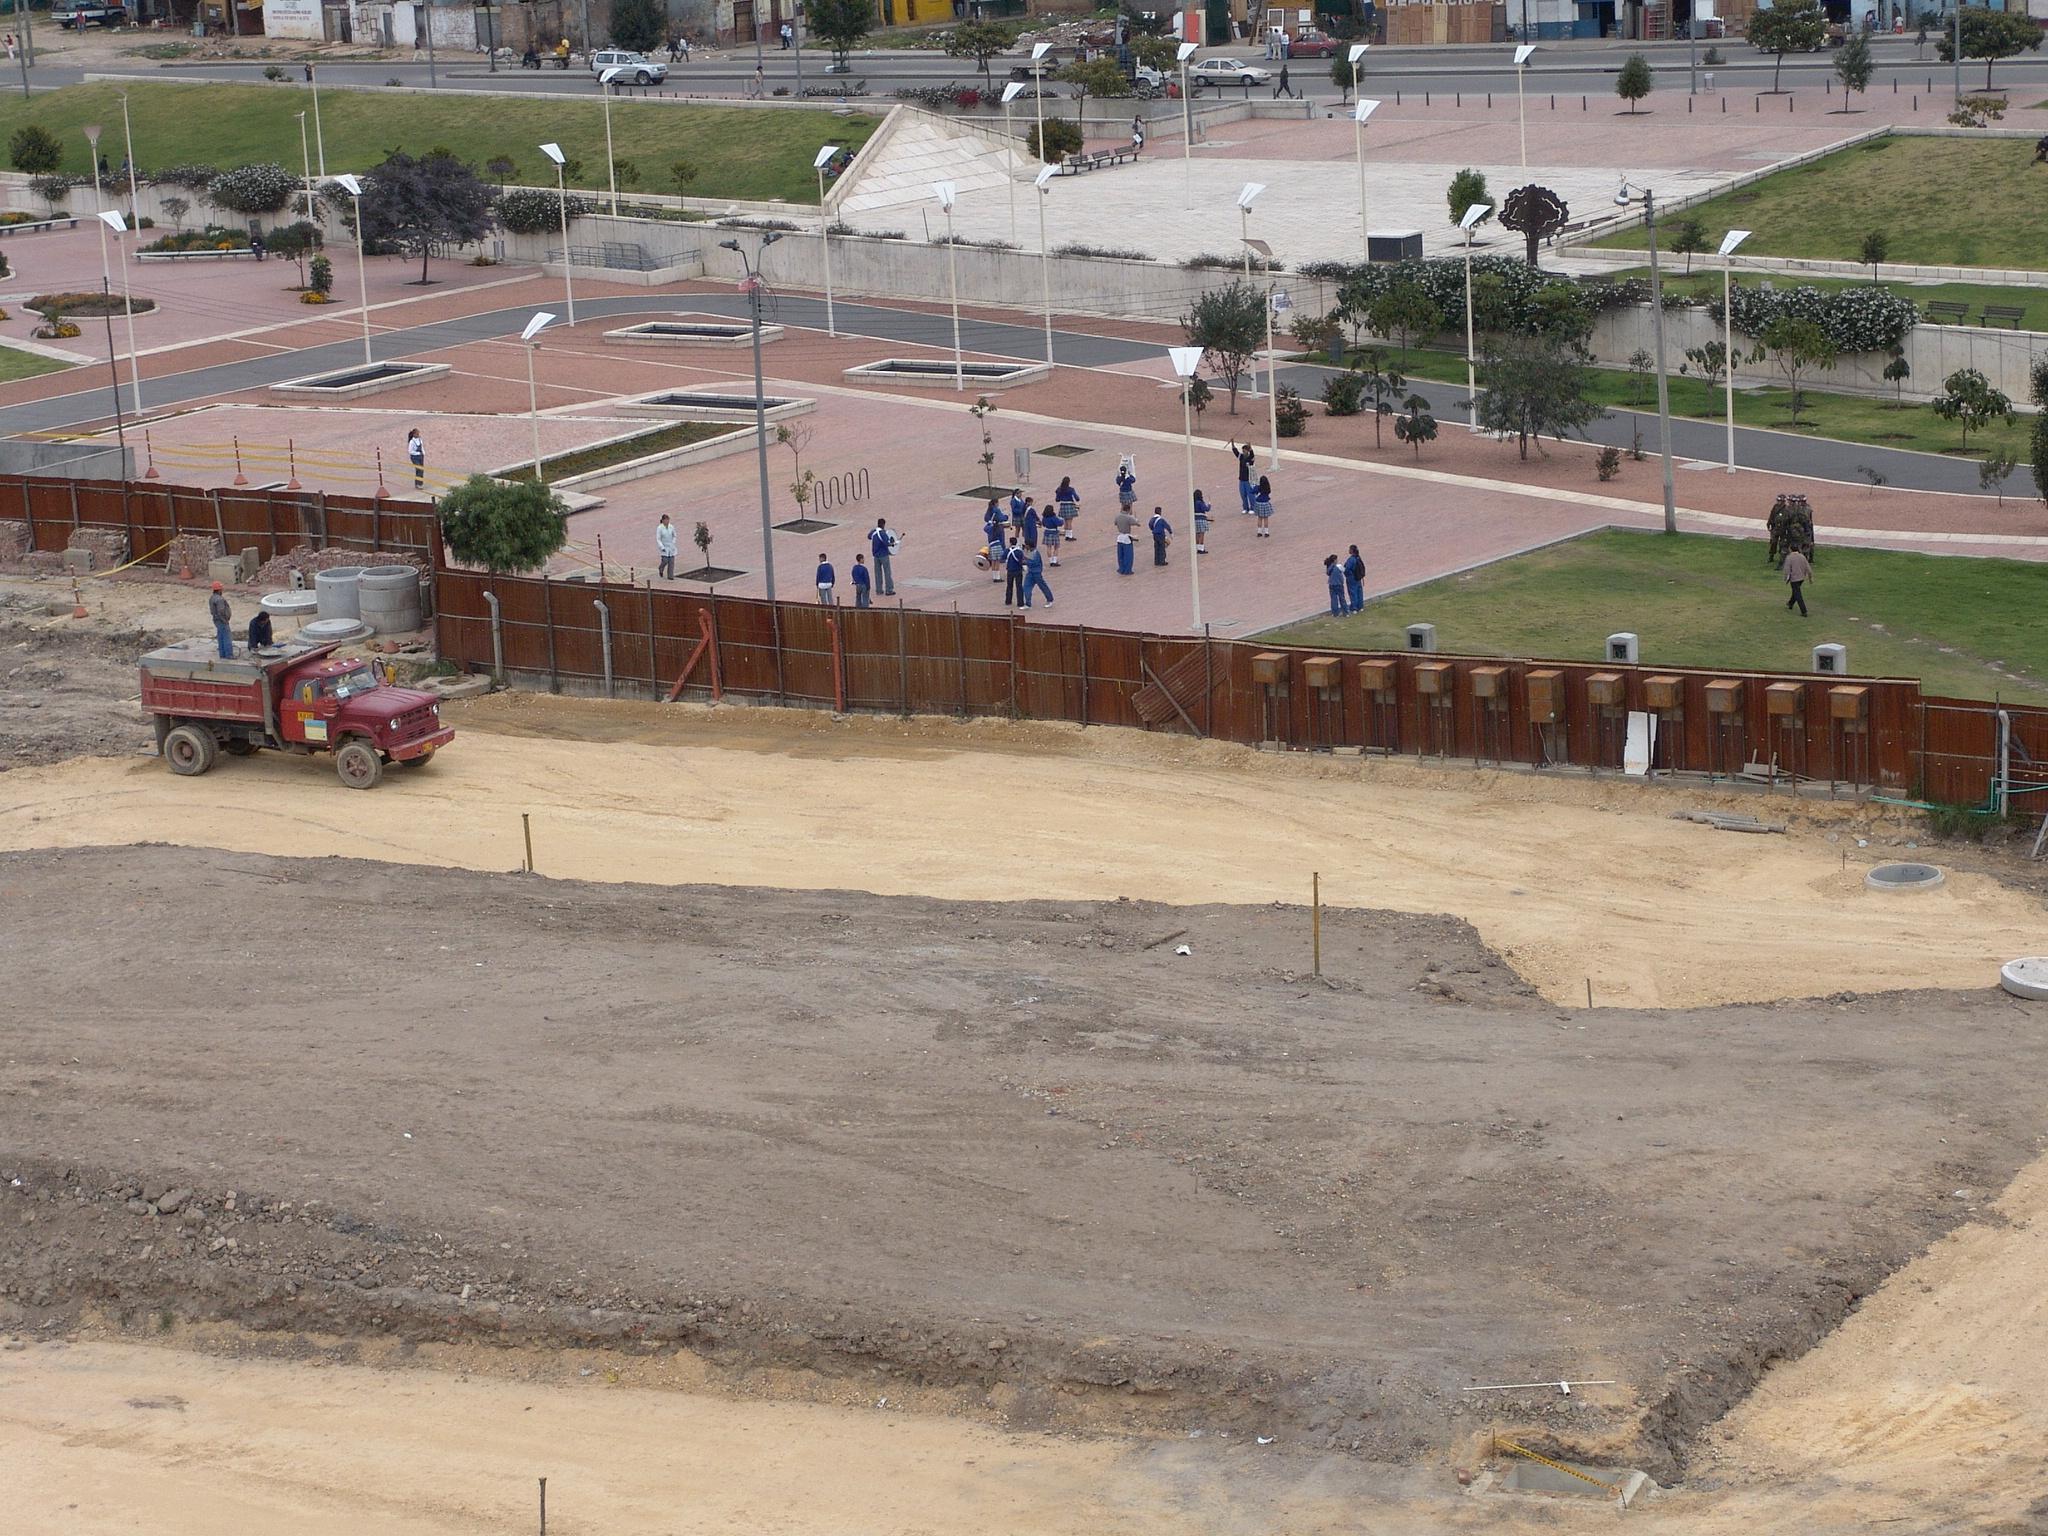 [Image 6 - La limpieza de los establos de Augías, Museum of Modern Art/Tercer Milienio park, Bogota, 2004, photograph by Rolando Vargas © Mapa Teatro Archive]